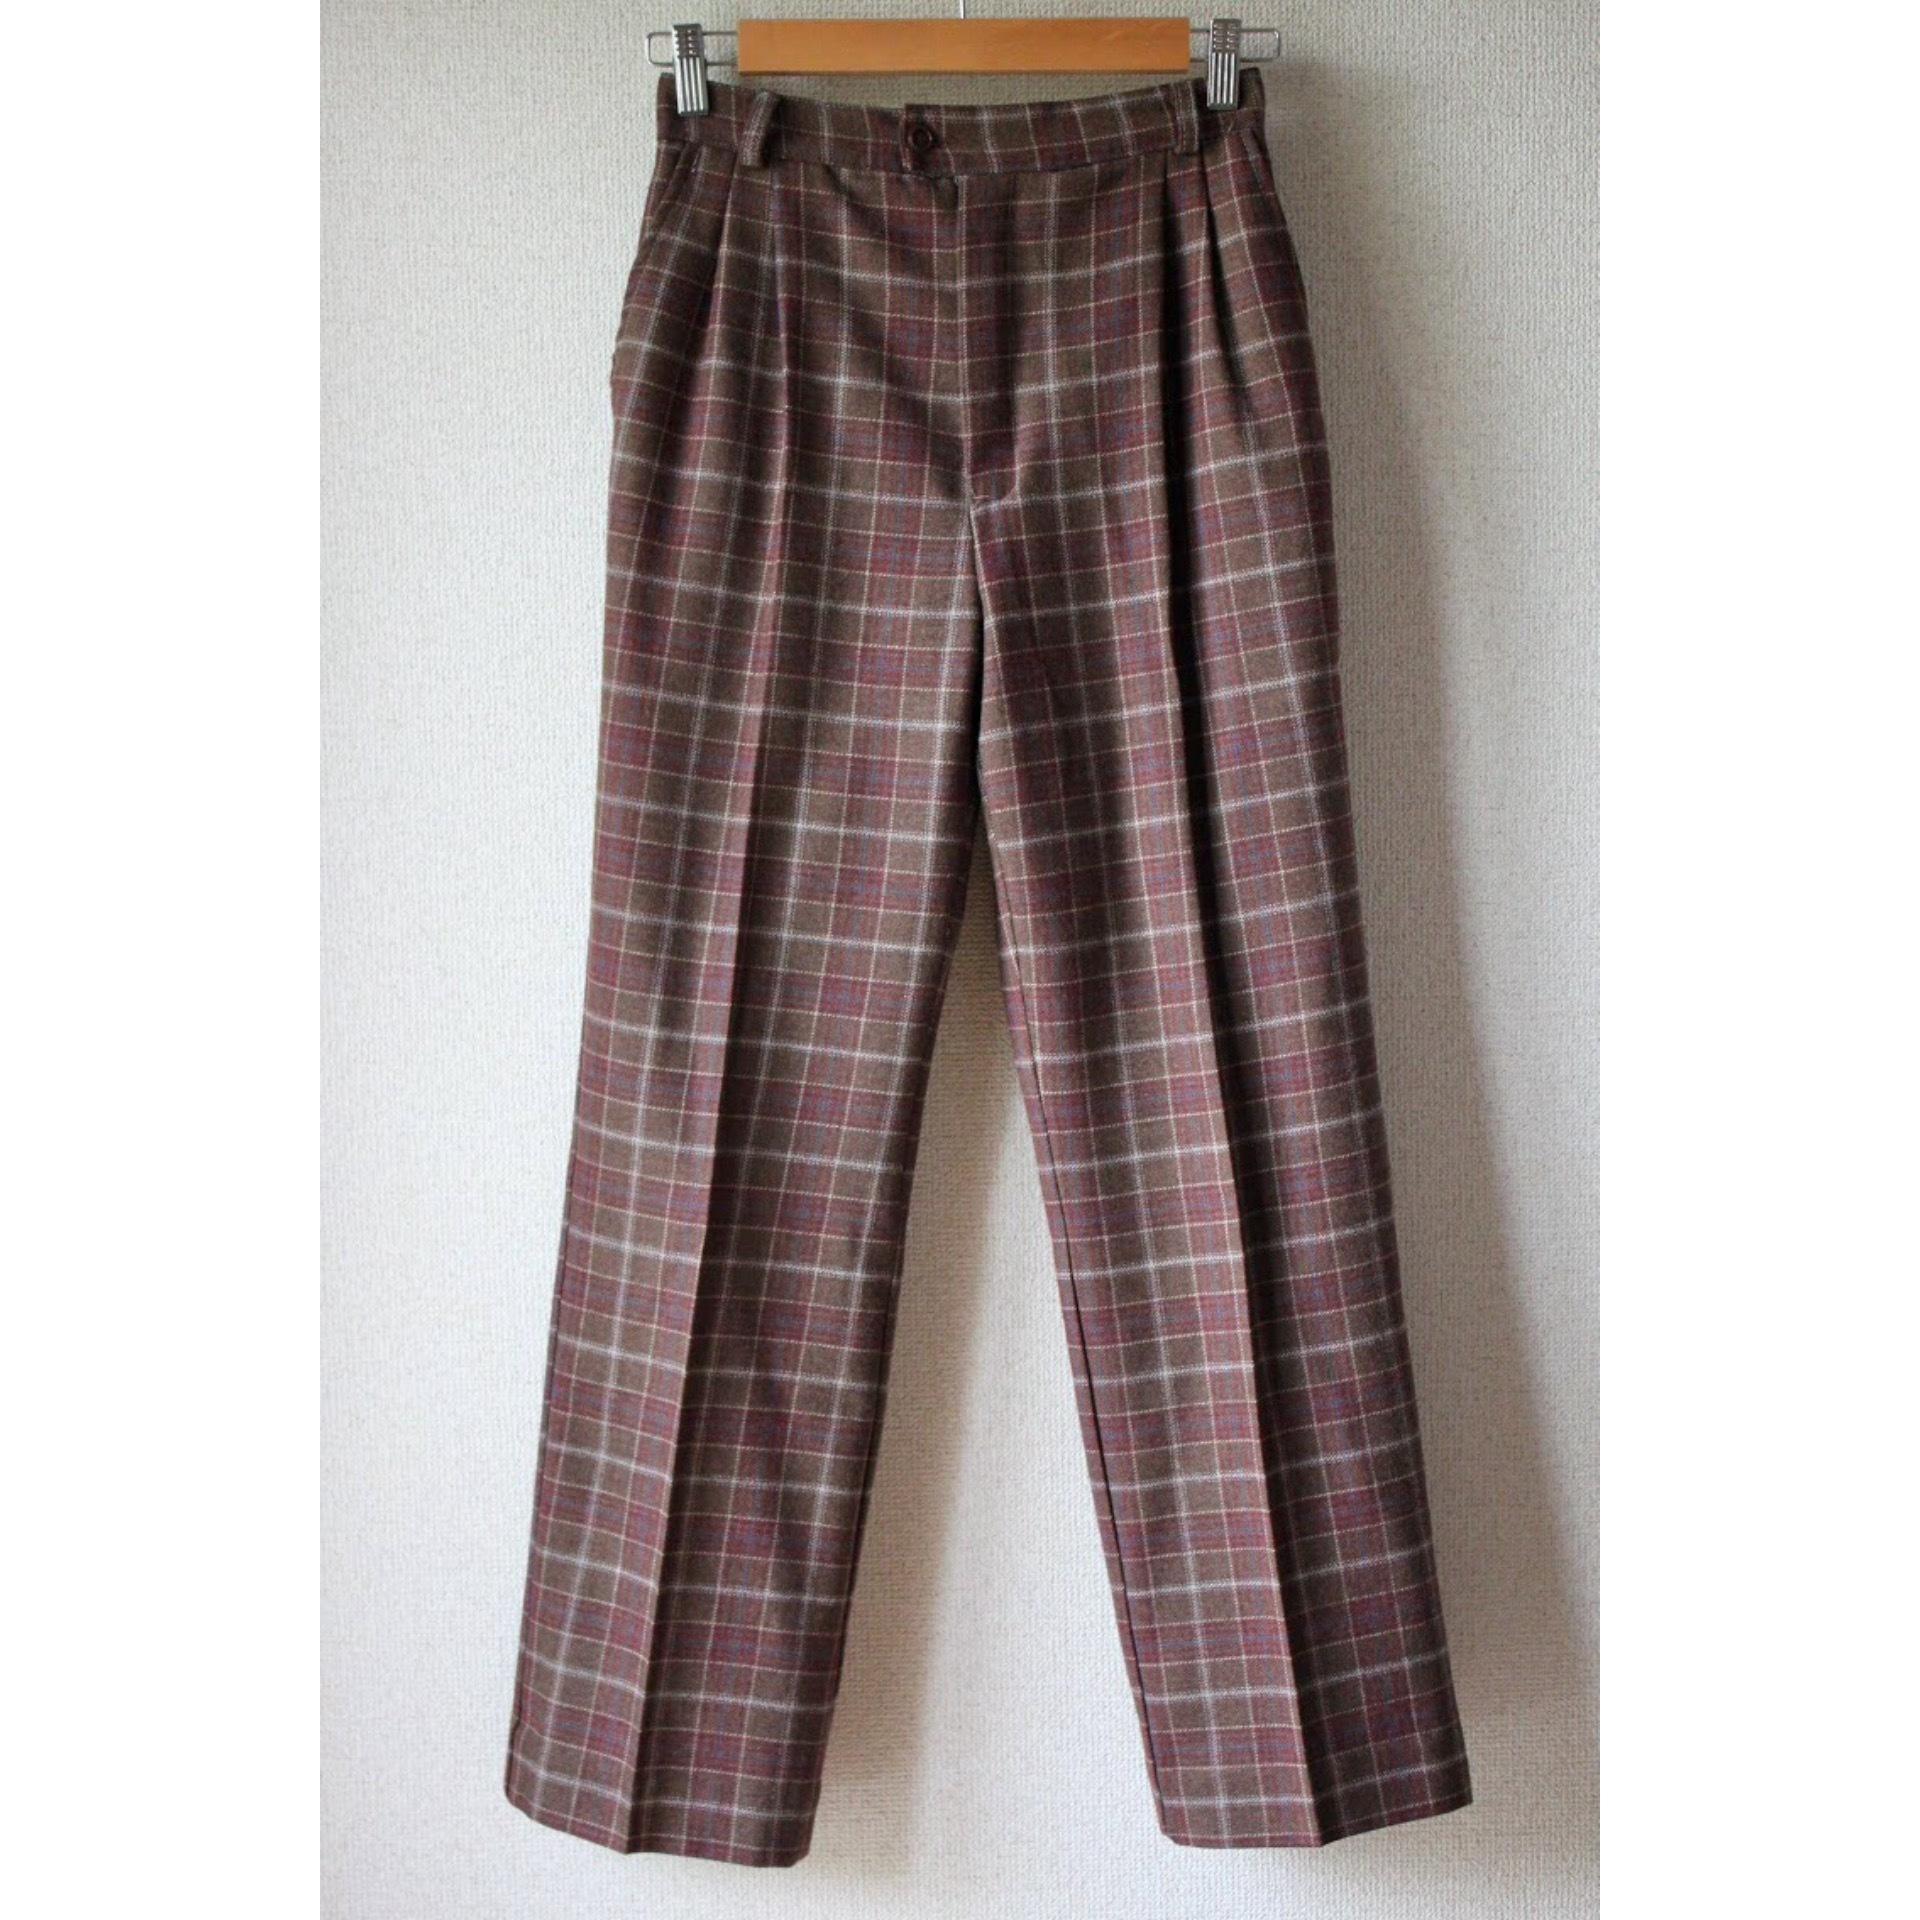 Vintage check wool slacks